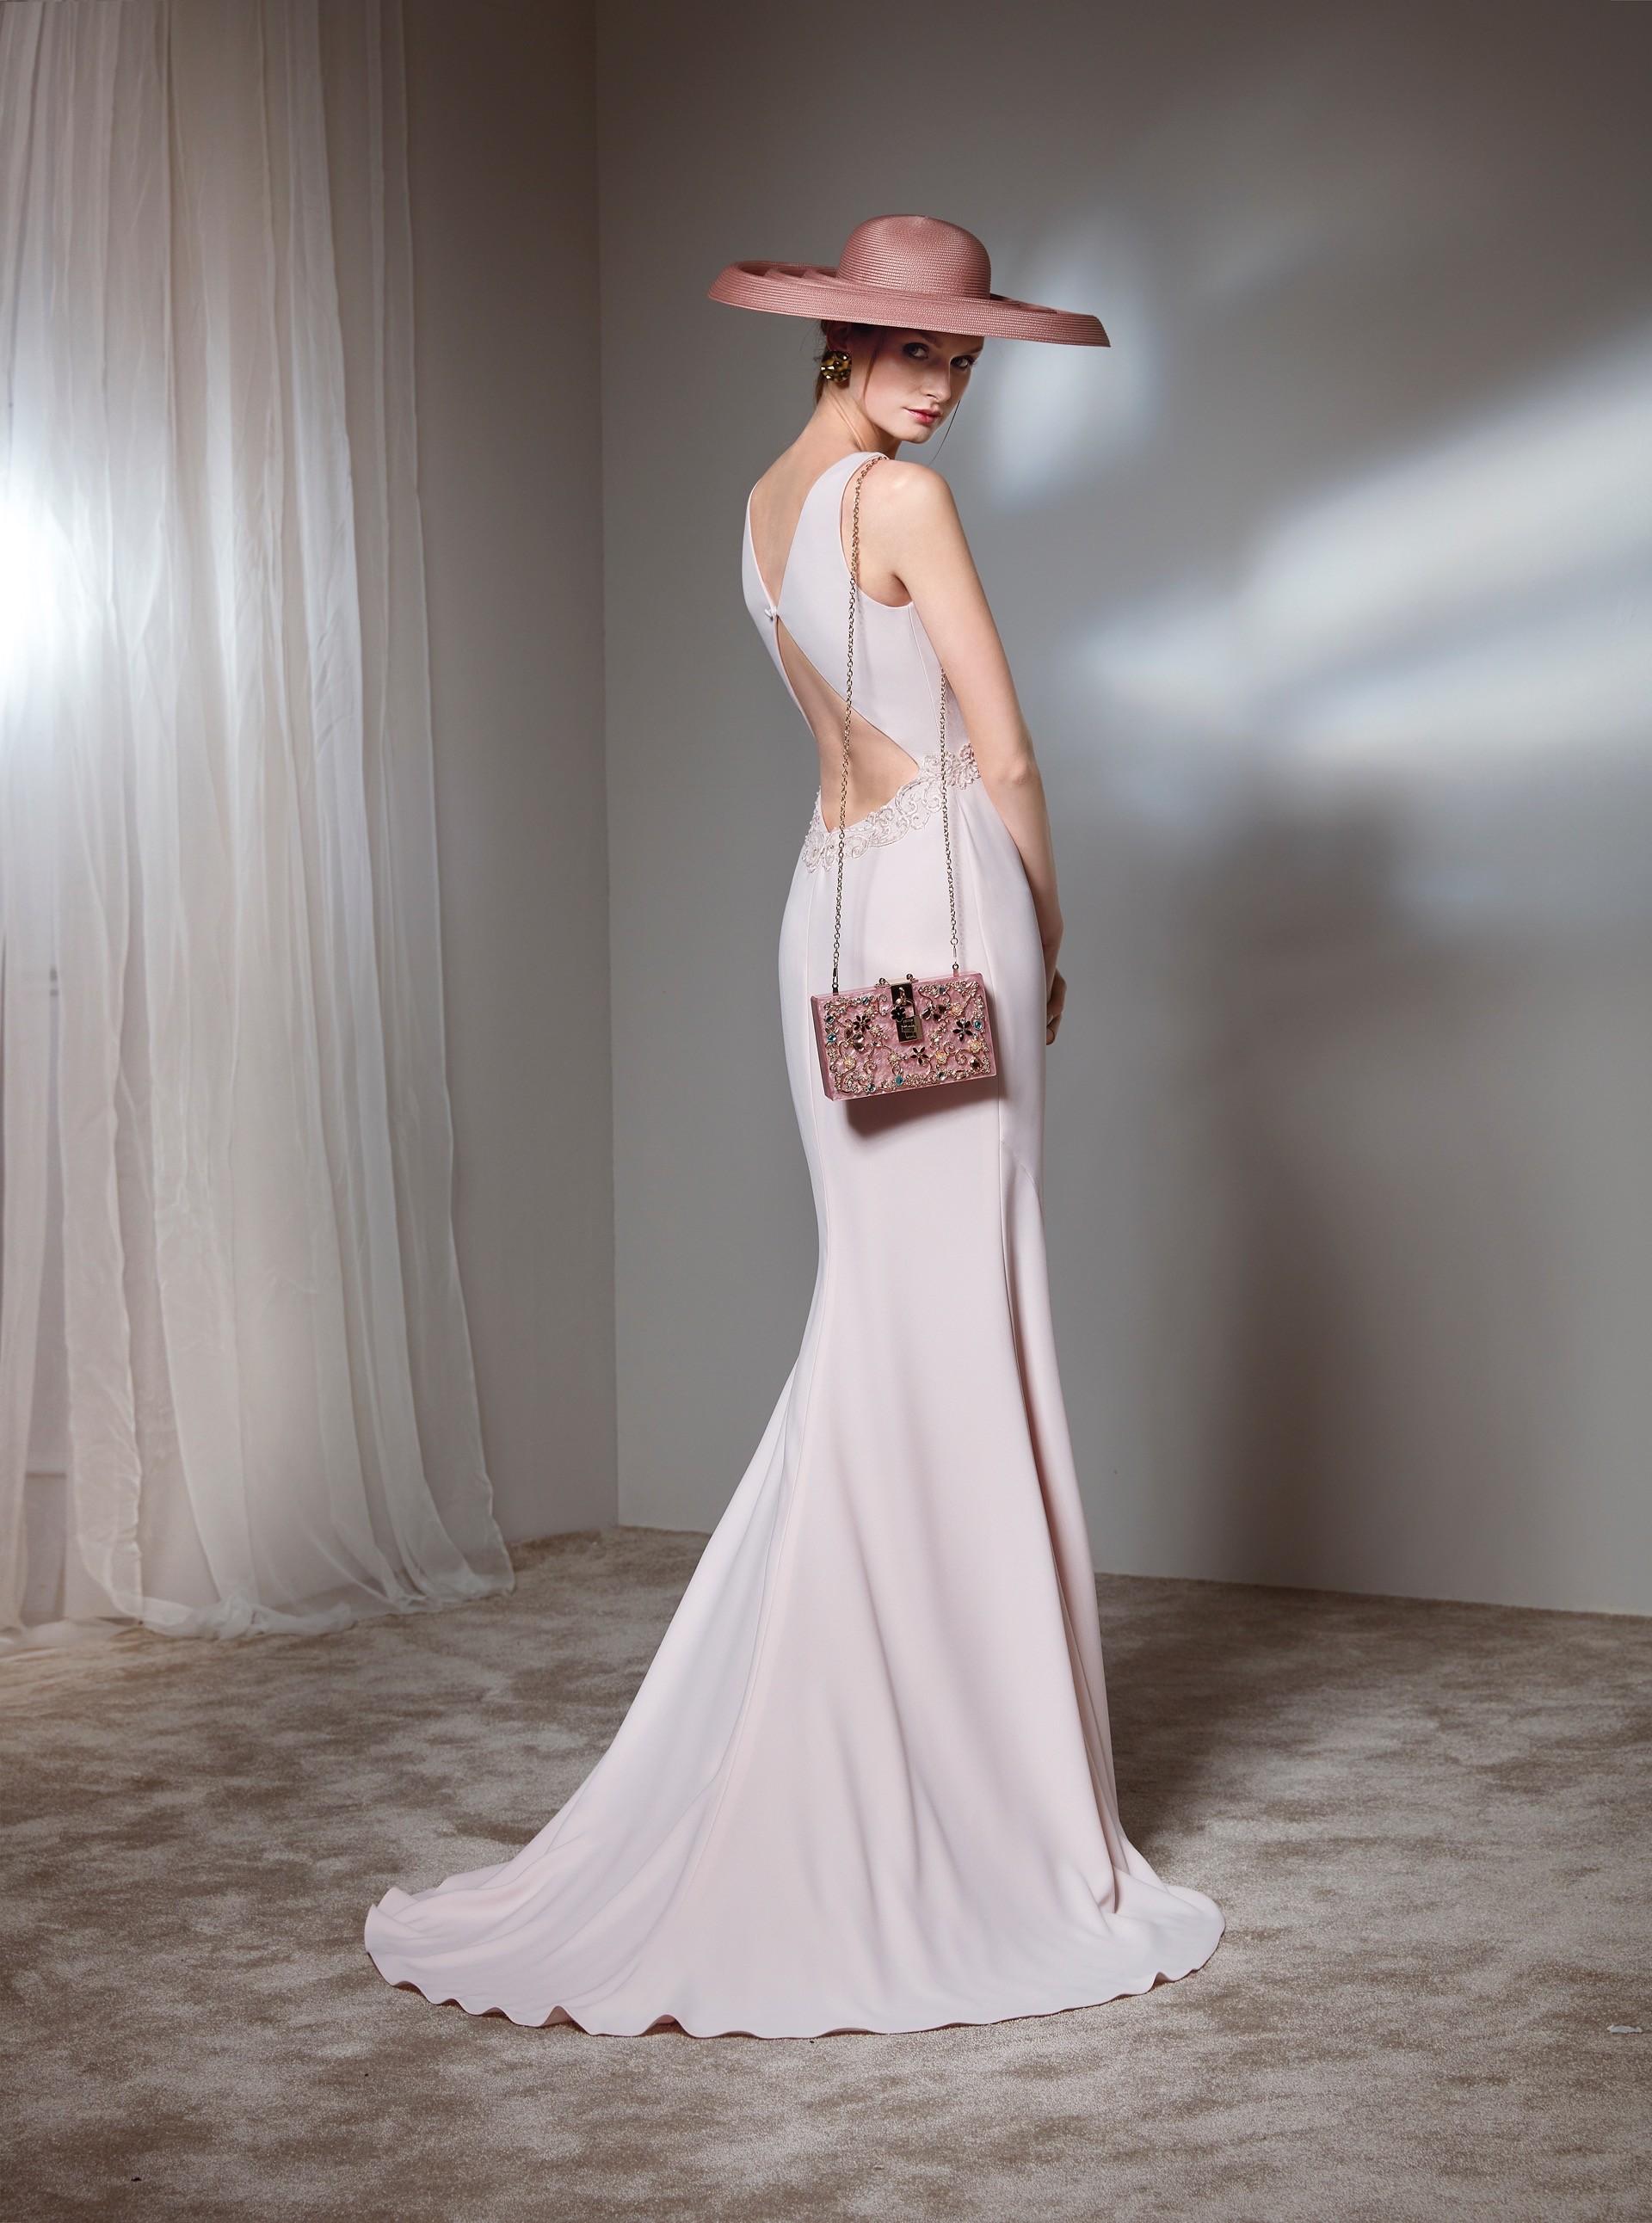 Langes Kleid mit V-Ausschnitt und Strassgürtel von Fara Fiesta in Rosa